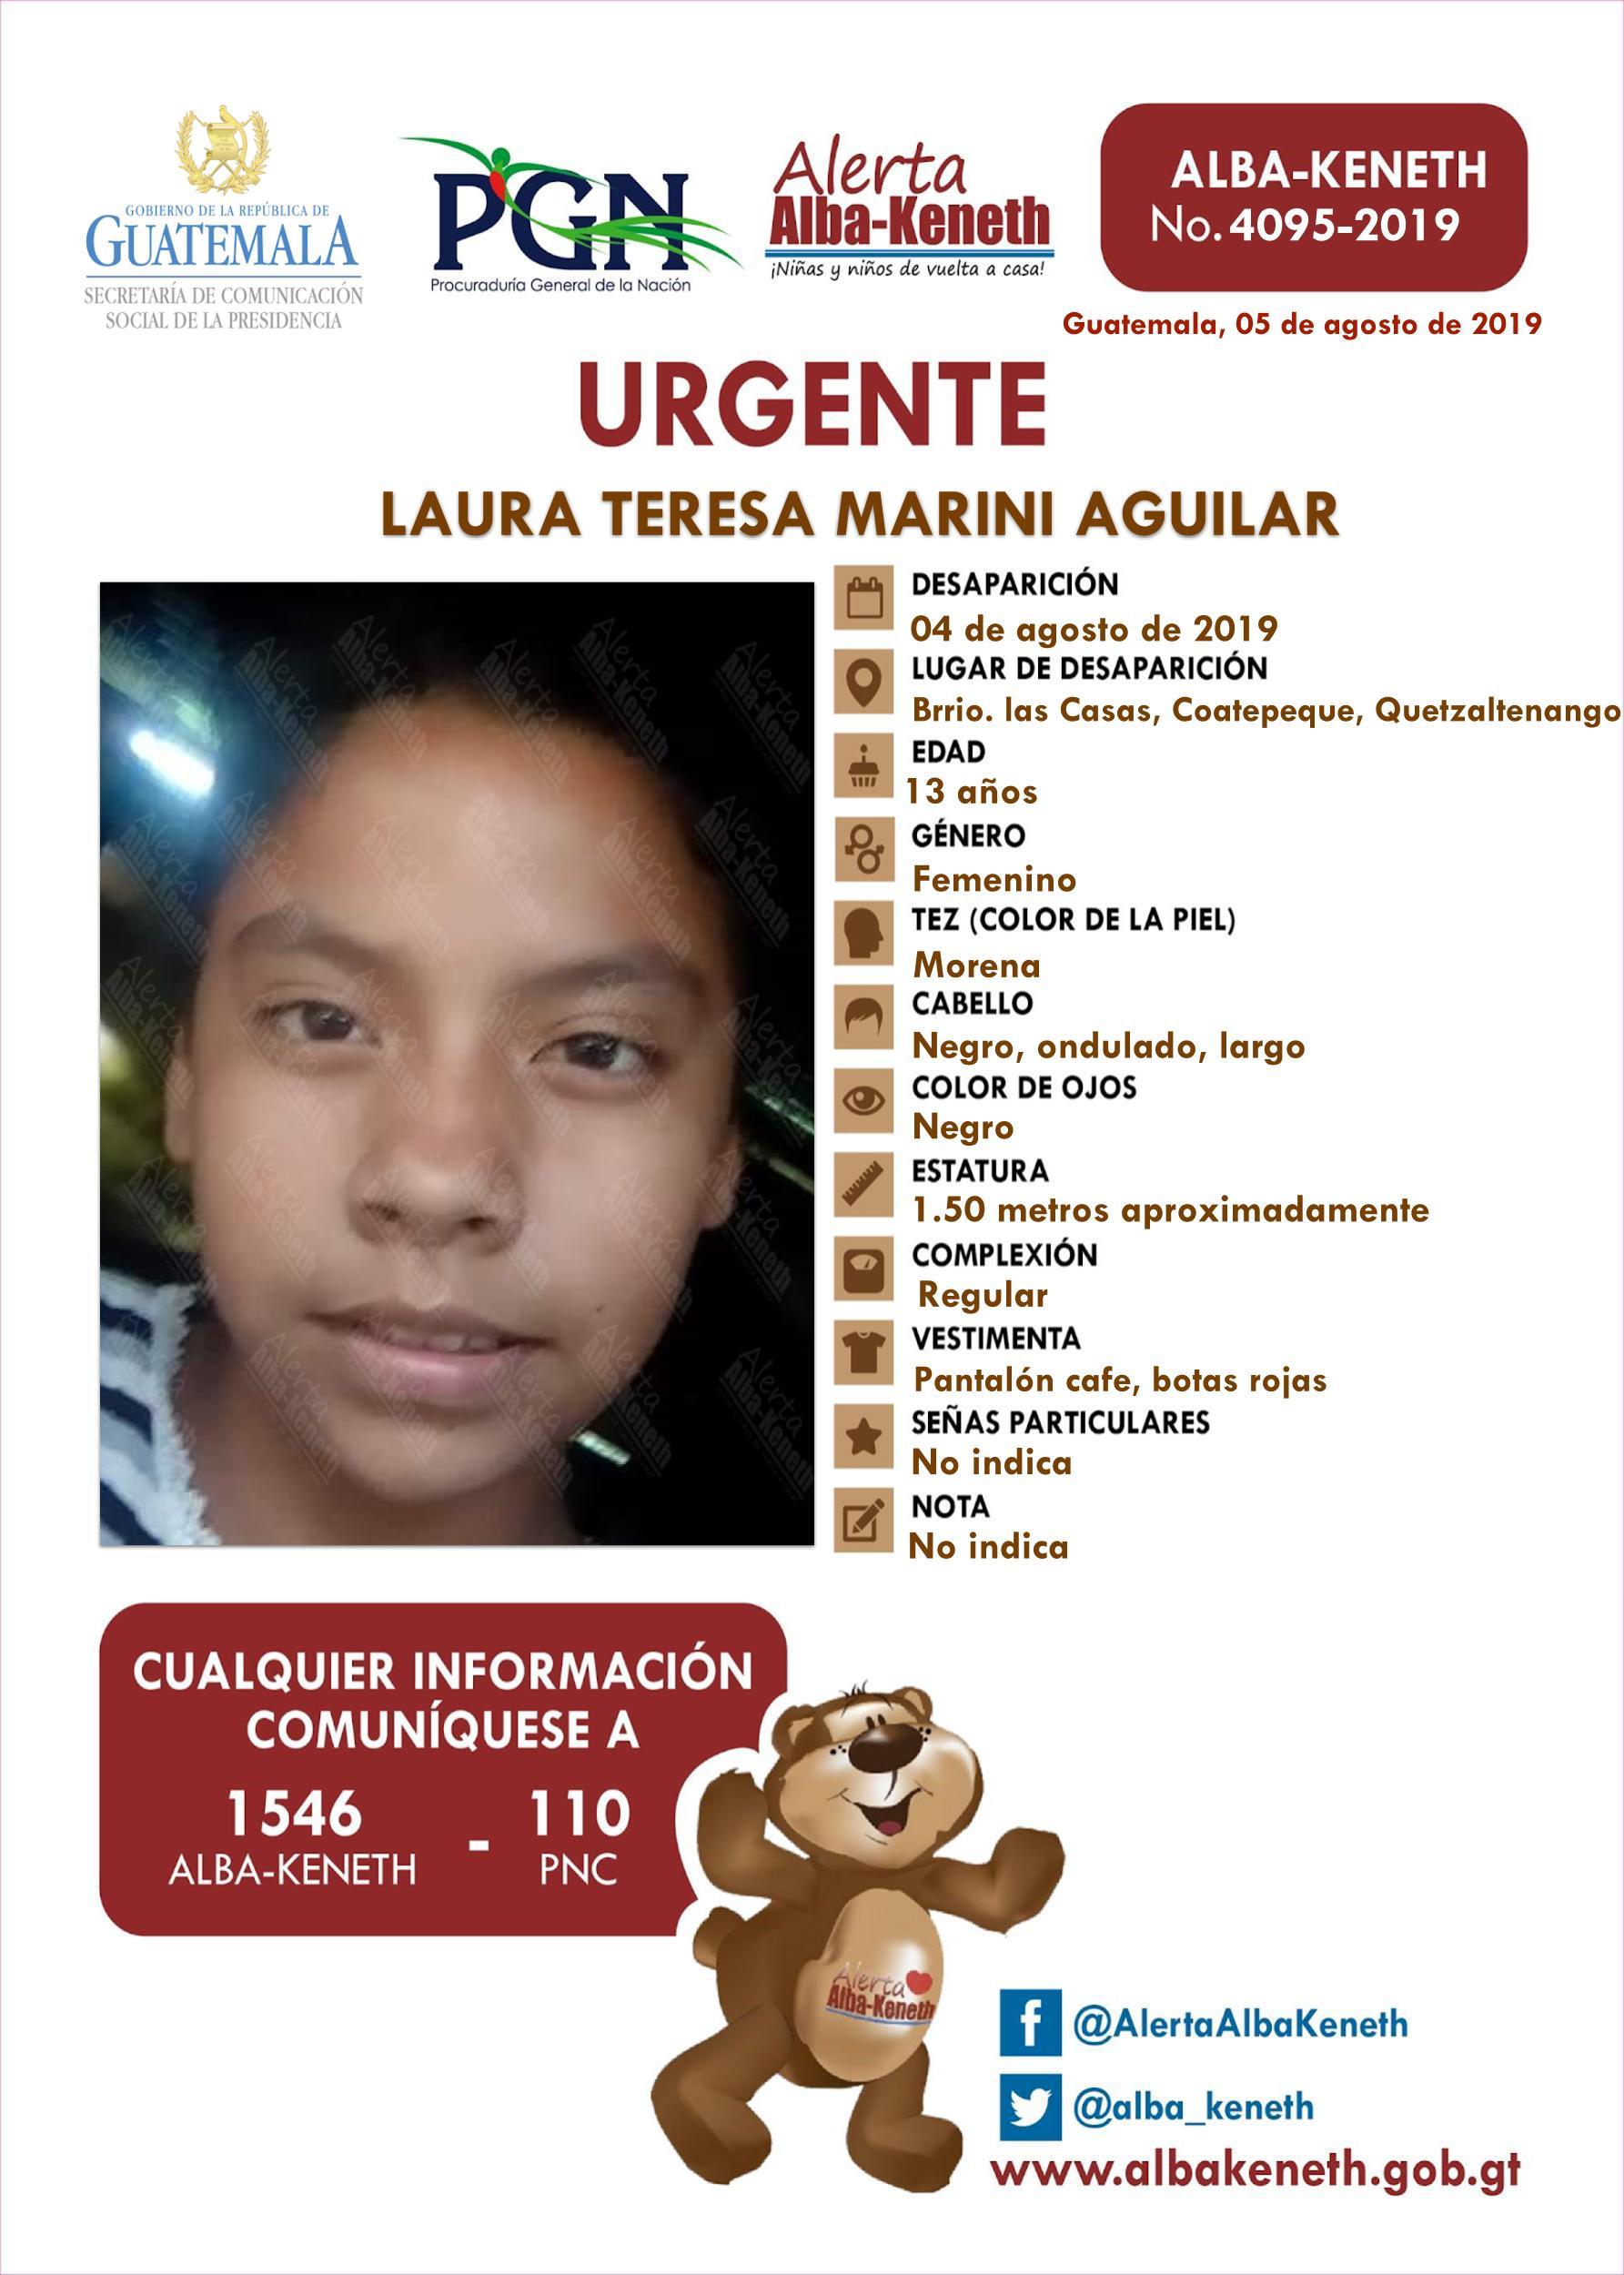 Laura Teresa Marini Aguilar